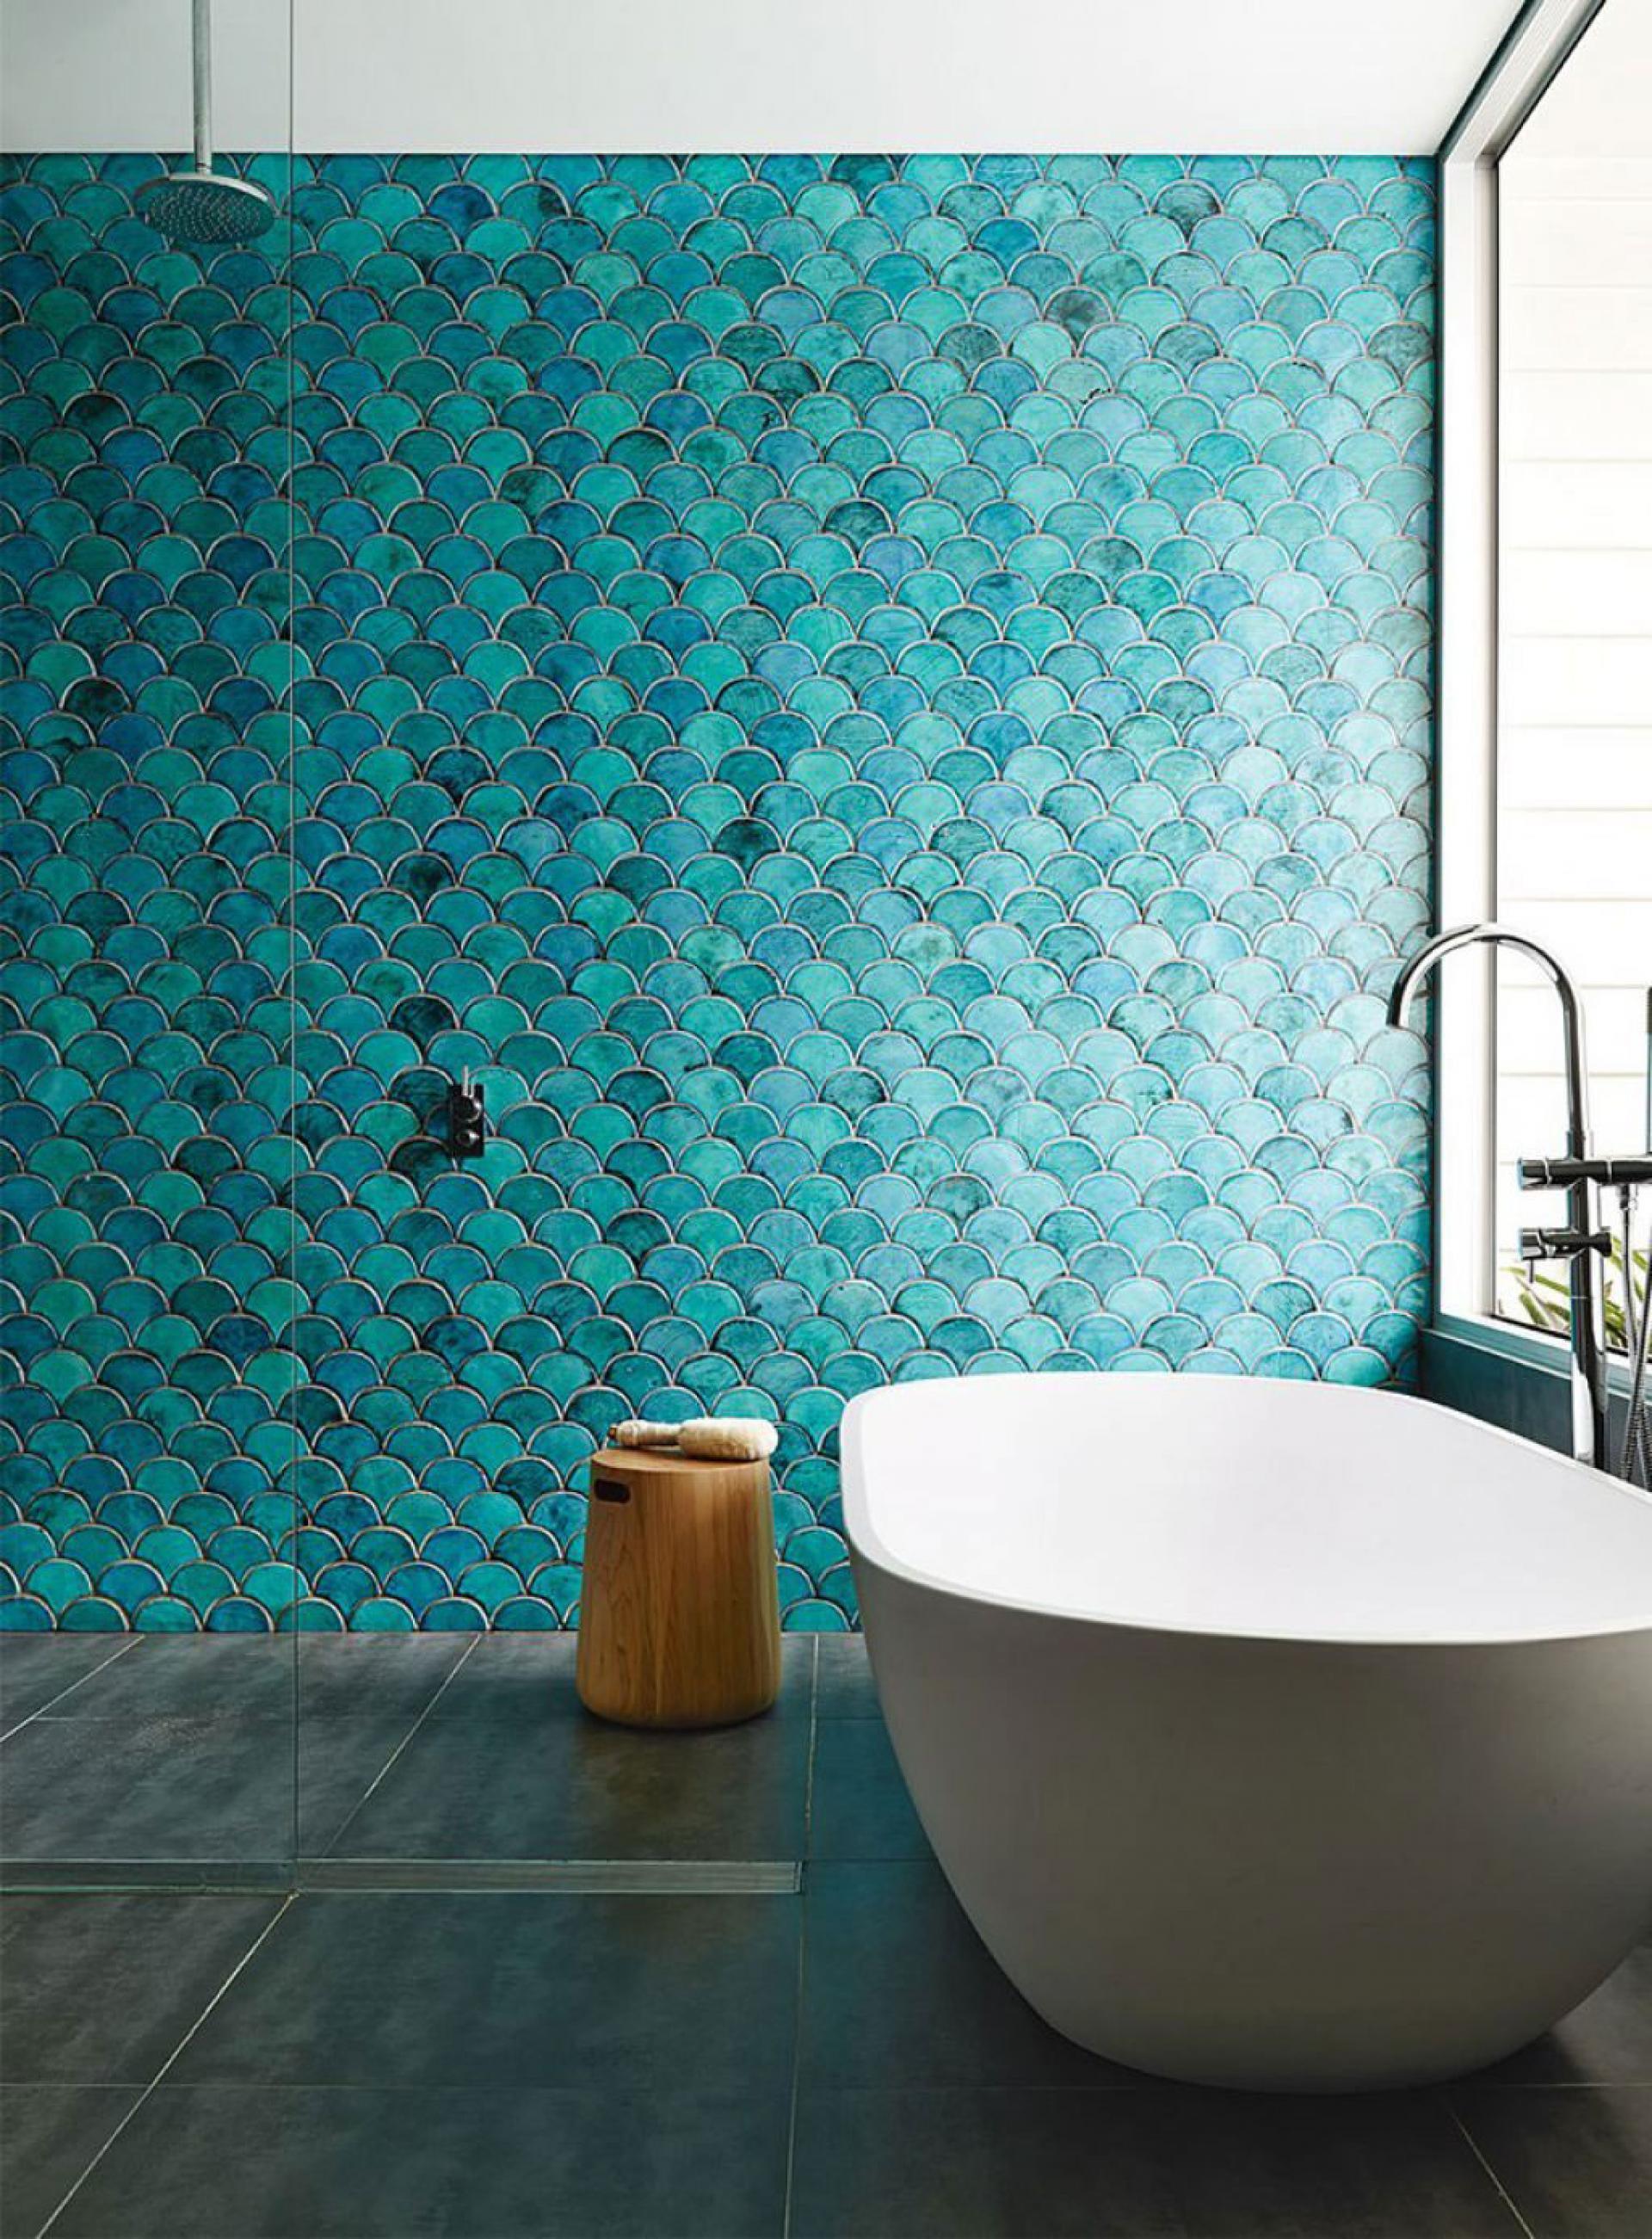 Płytki w kształcie rybiej łuski w łazience